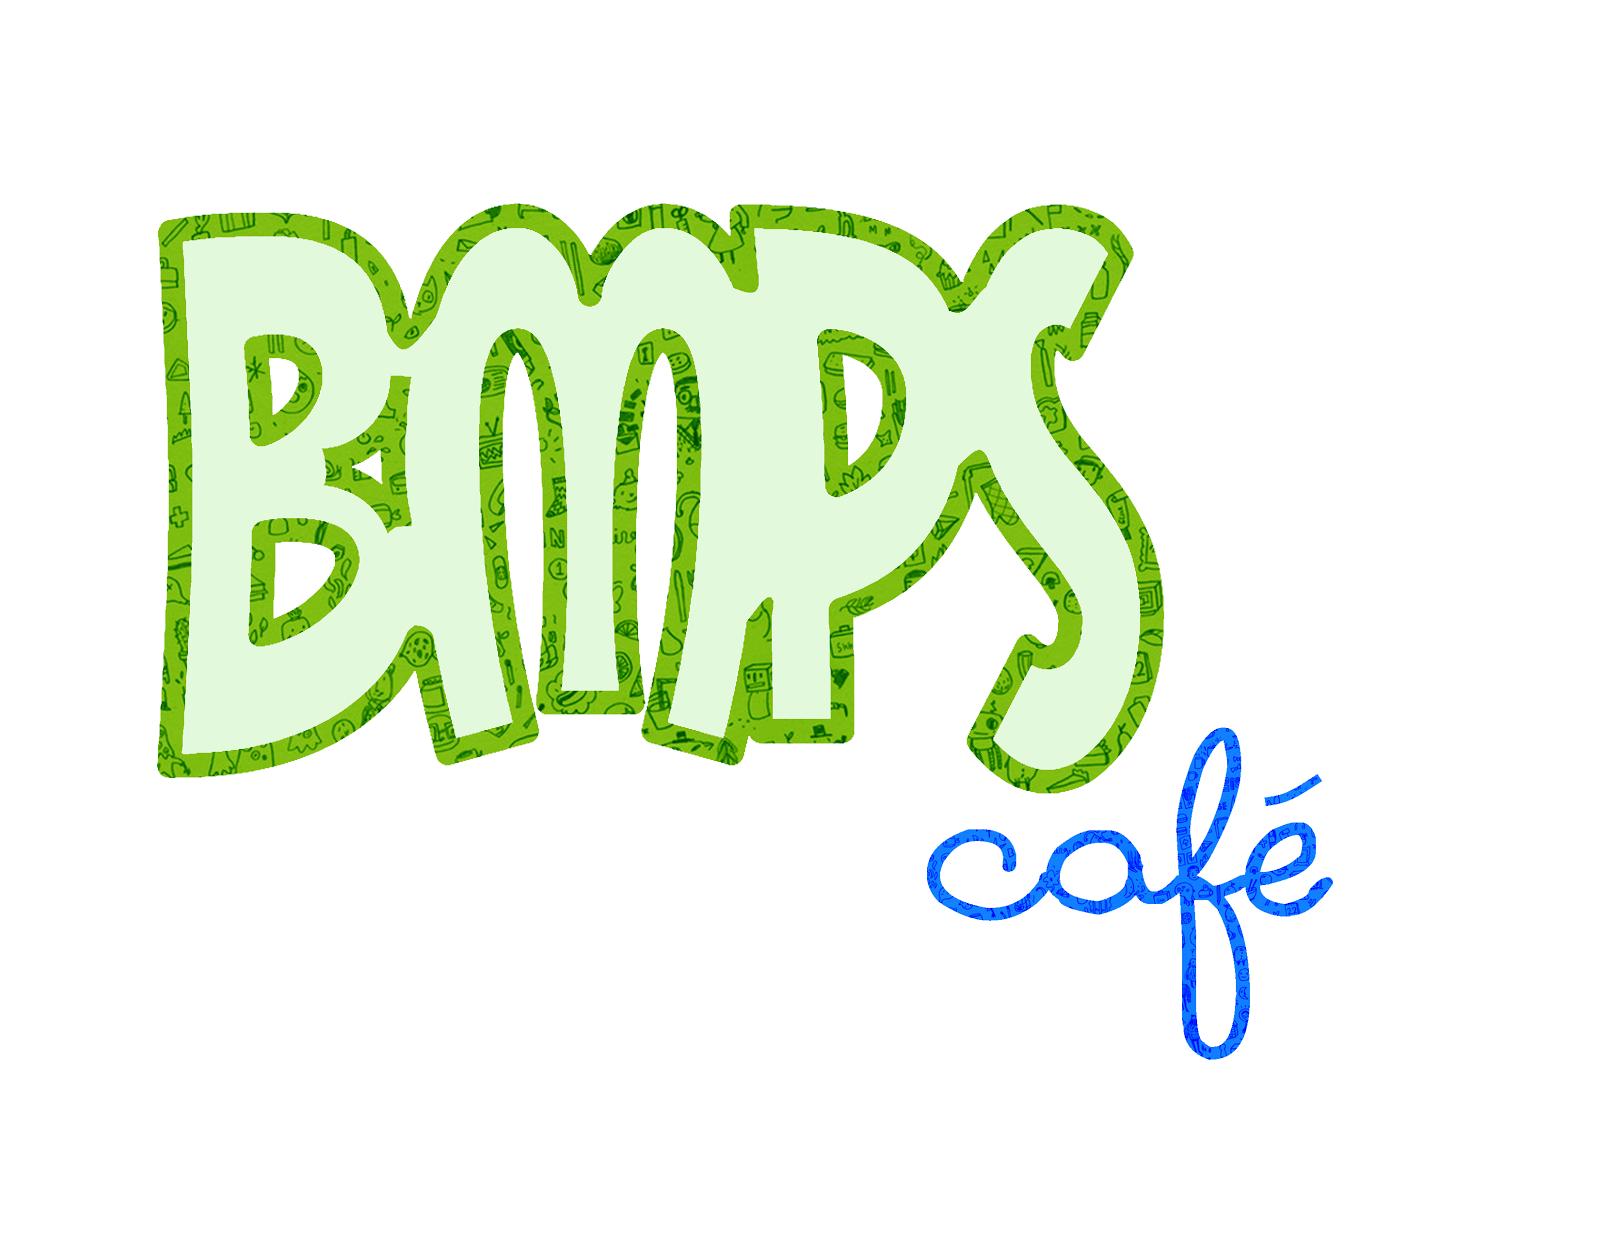 BMPScafe